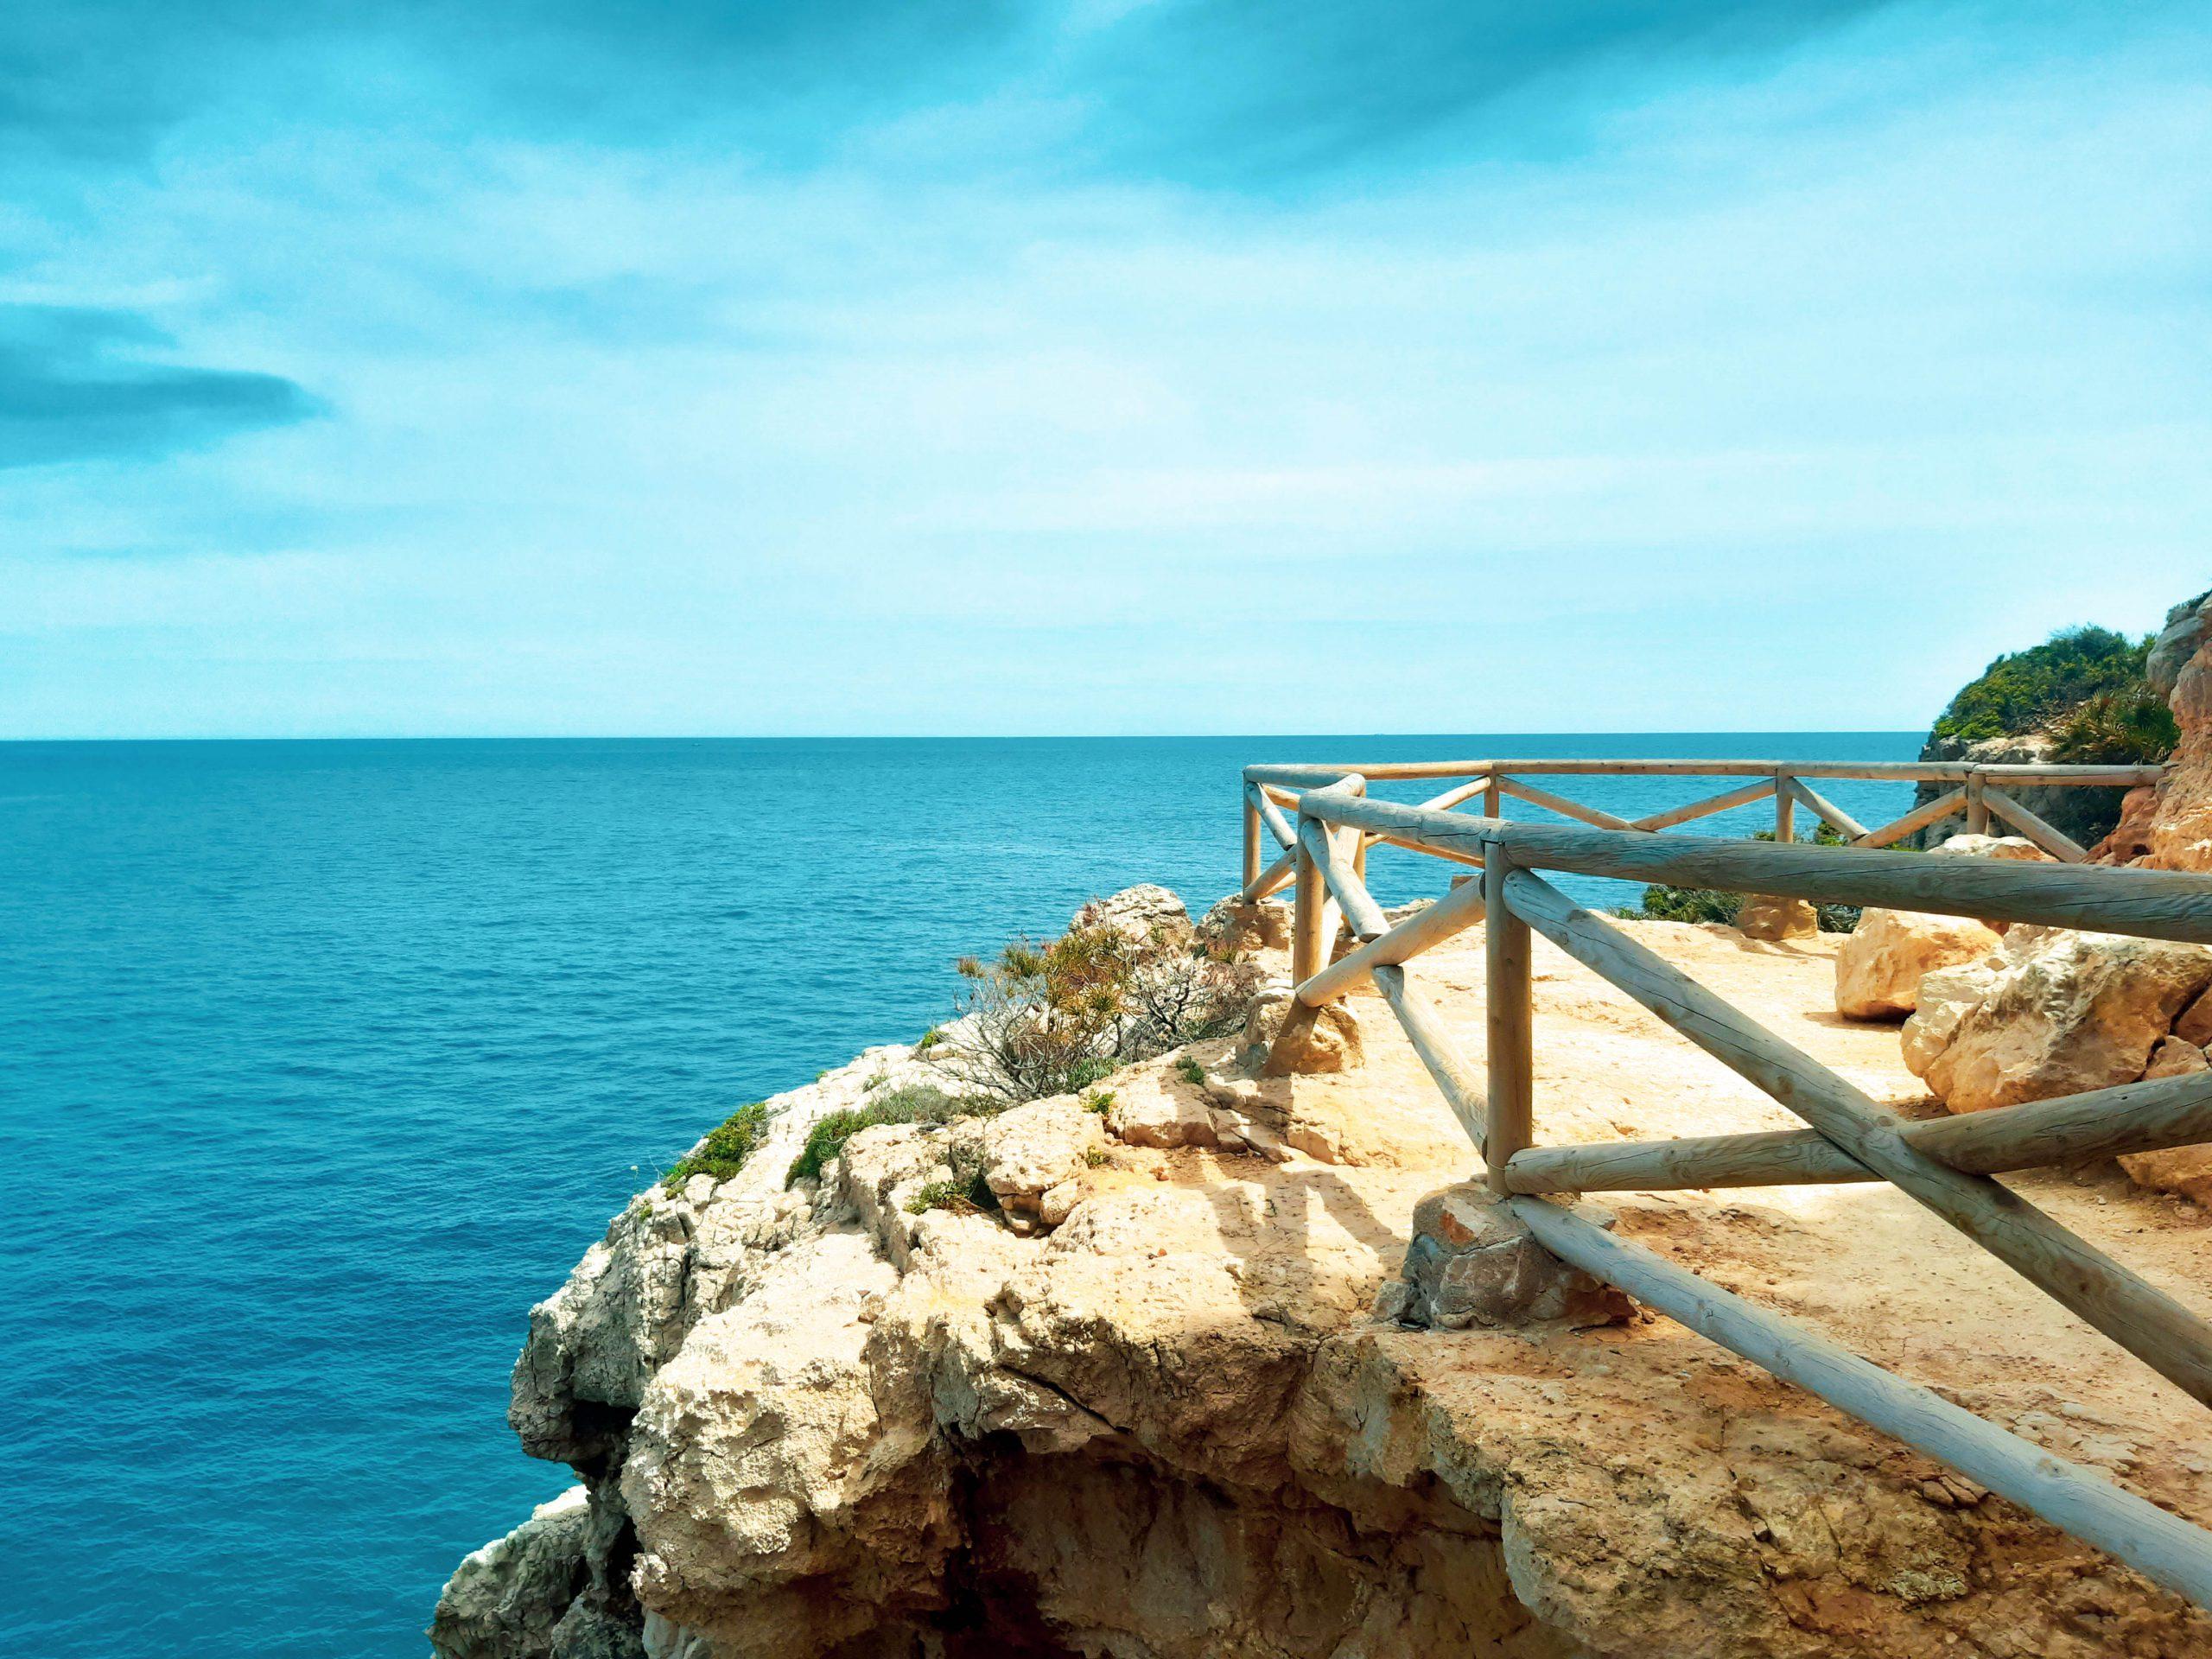 Tour to Costa Blanca Beaches